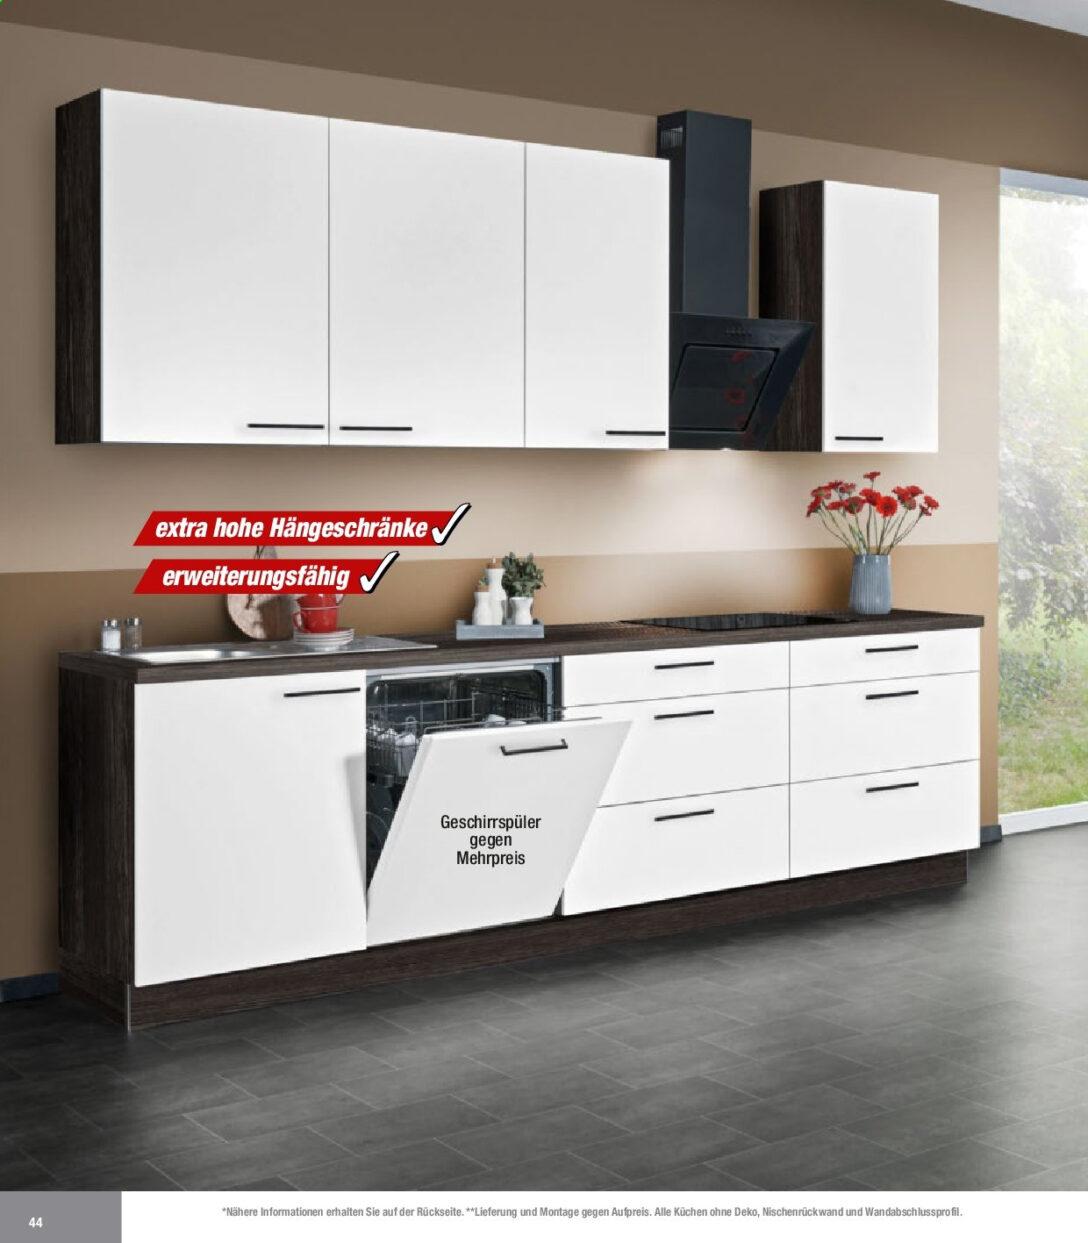 Large Size of Küchenzeile Poco Big Sofa Betten Schlafzimmer Komplett Bett 140x200 Küche Wohnzimmer Küchenzeile Poco